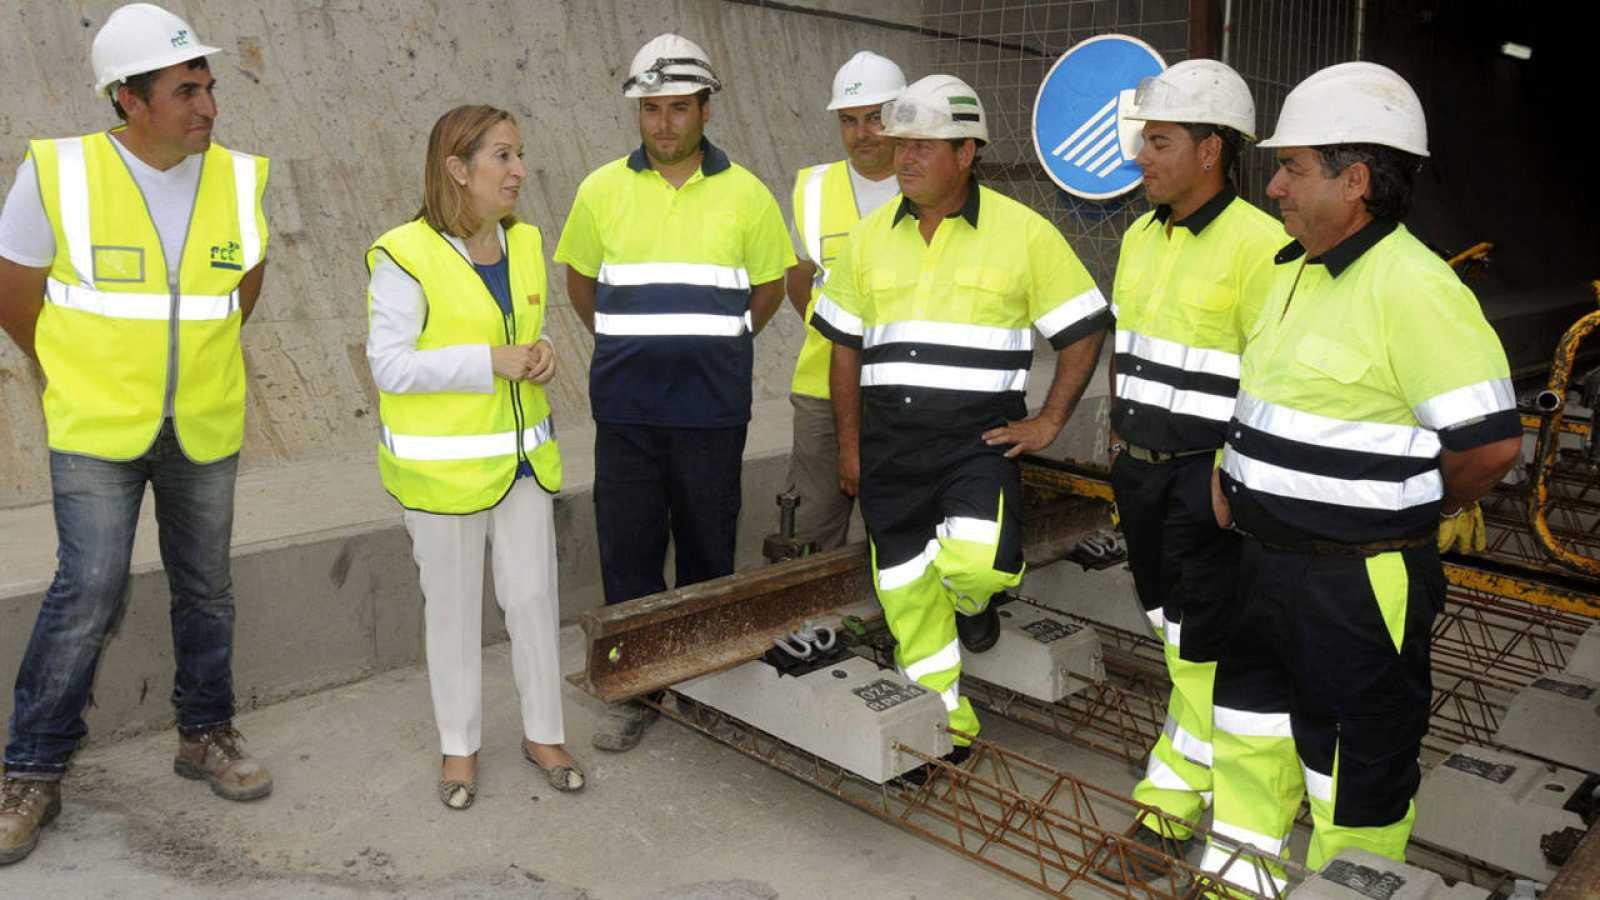 La ministra de Fomento visita las obras de un tramo de la línea de alta velocidad Valladolid-Venta de Baños-Palencia-León-Asturias